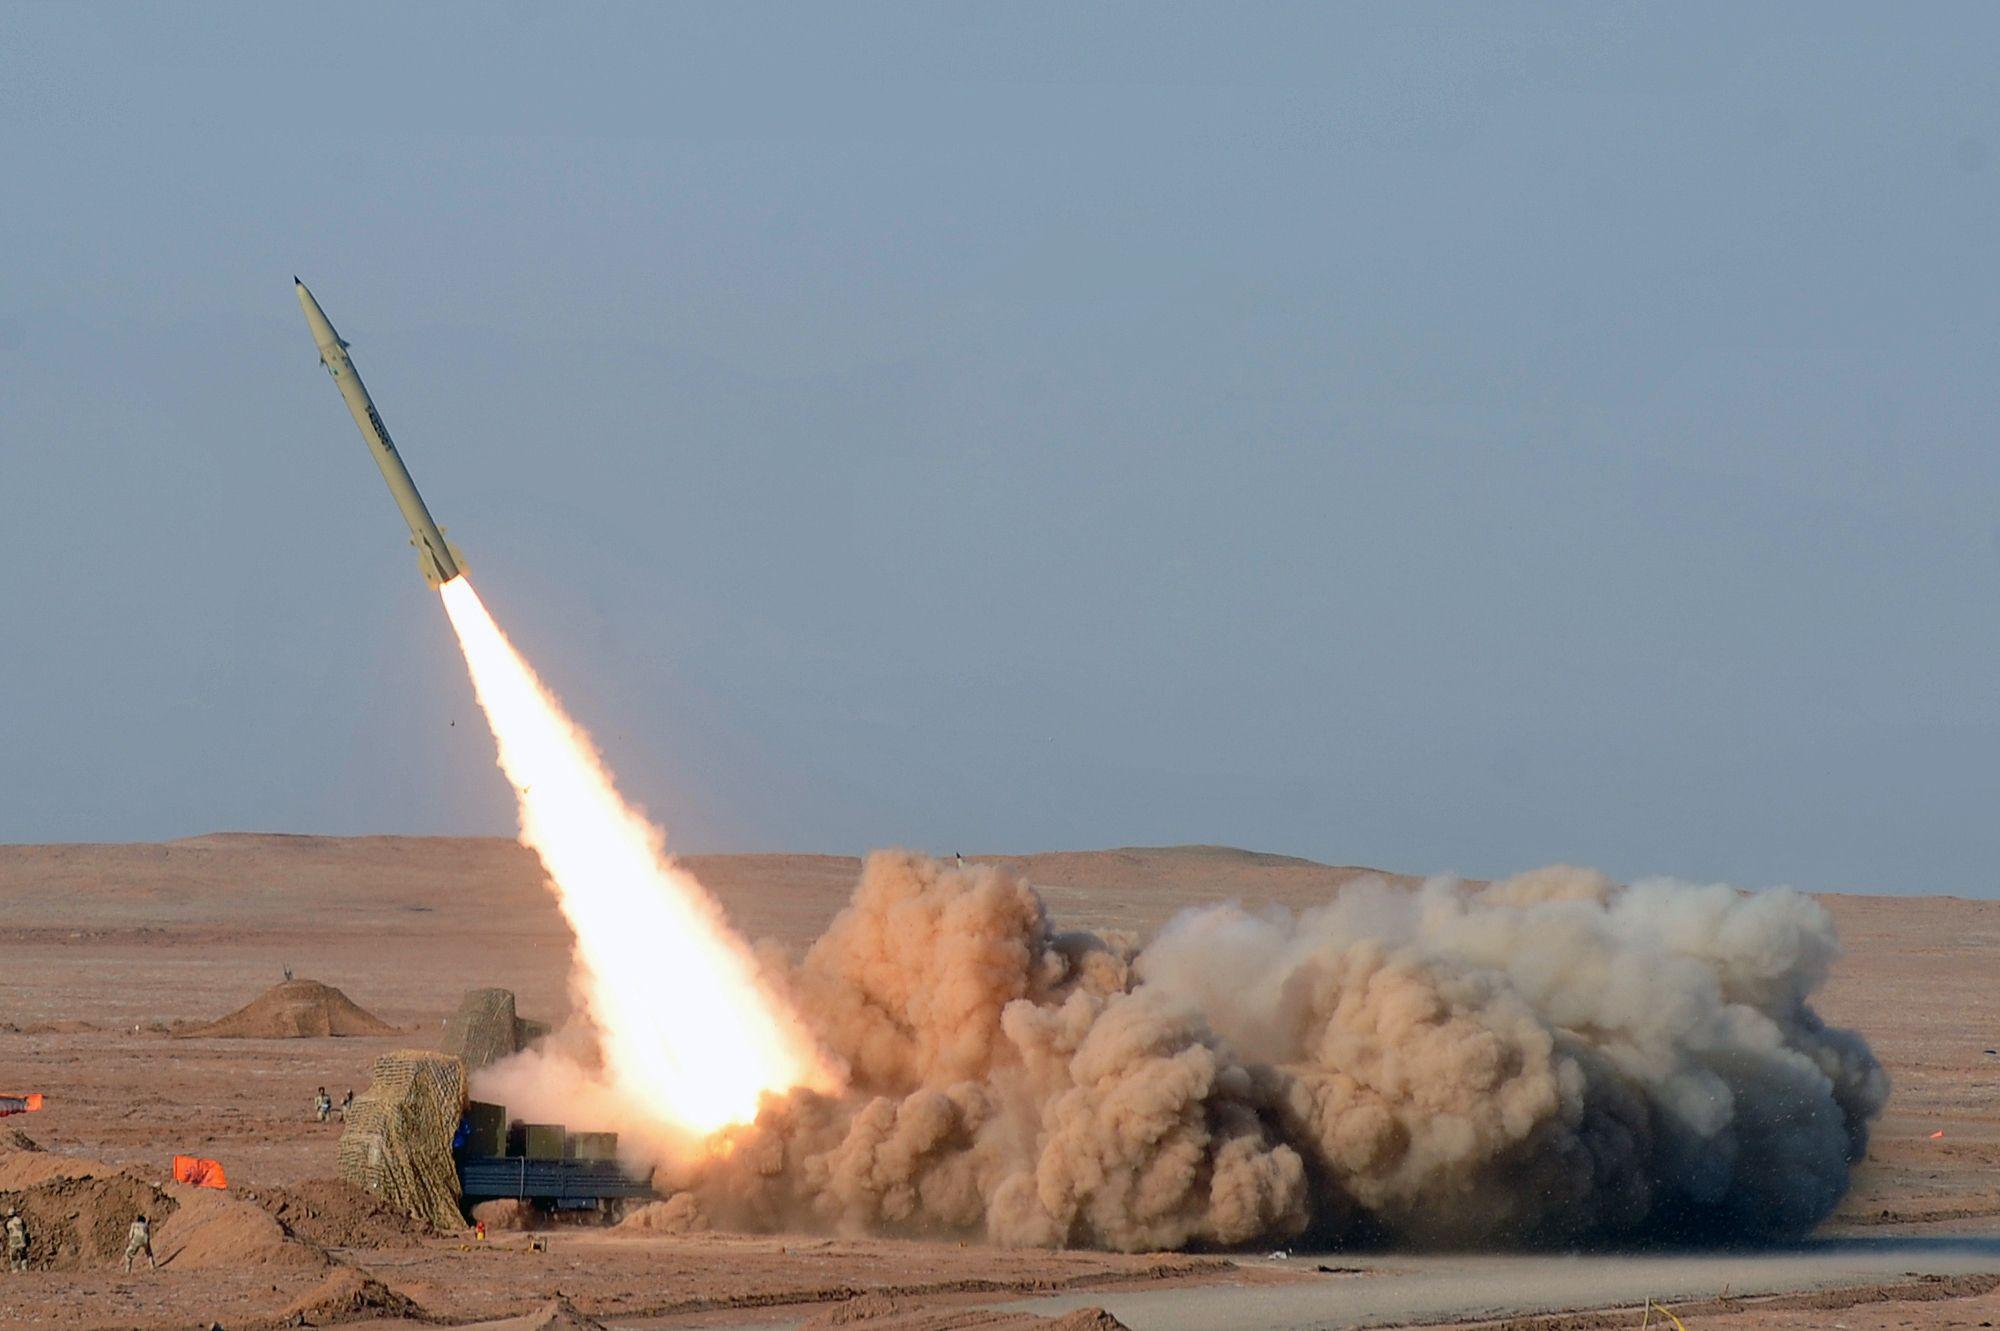 美军为何不拦截伊朗导弹?背后恐有更大图谋!